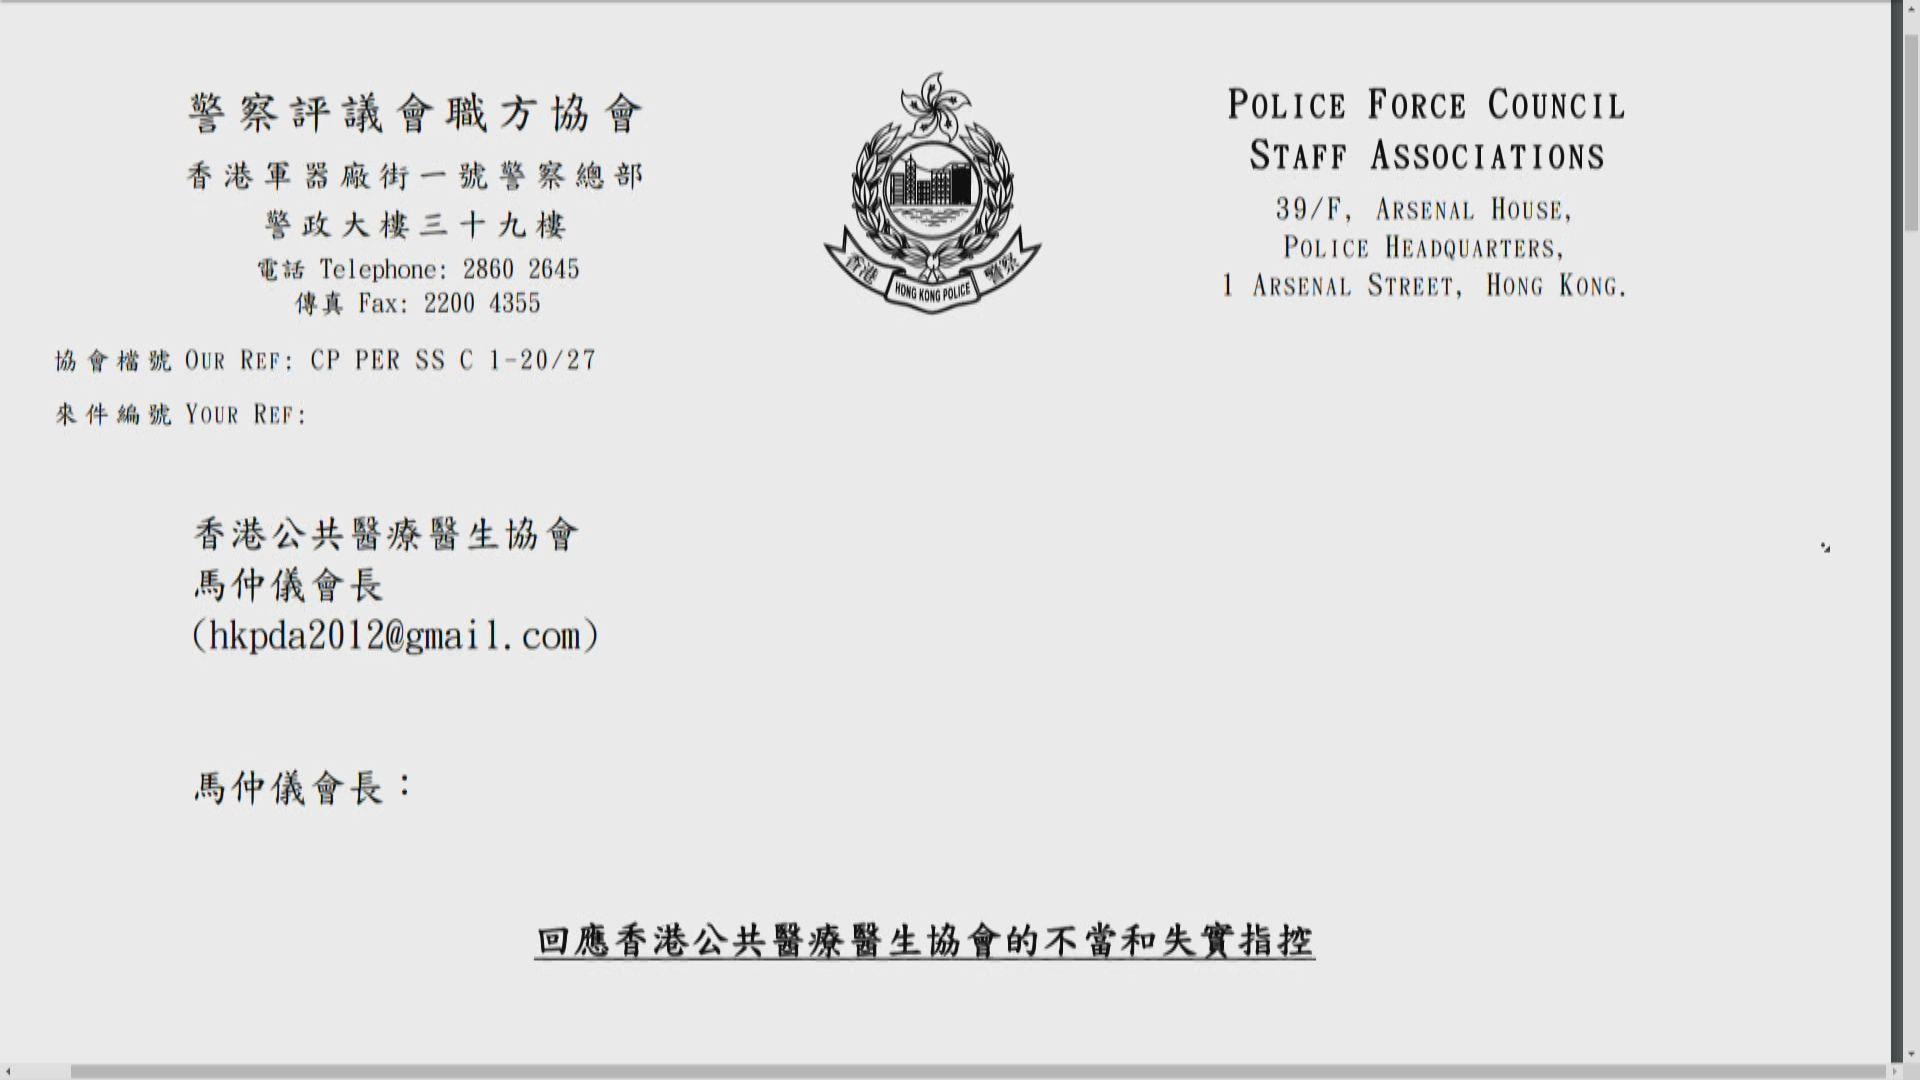 四警察協會斥公共醫療醫生協會抹黑警隊